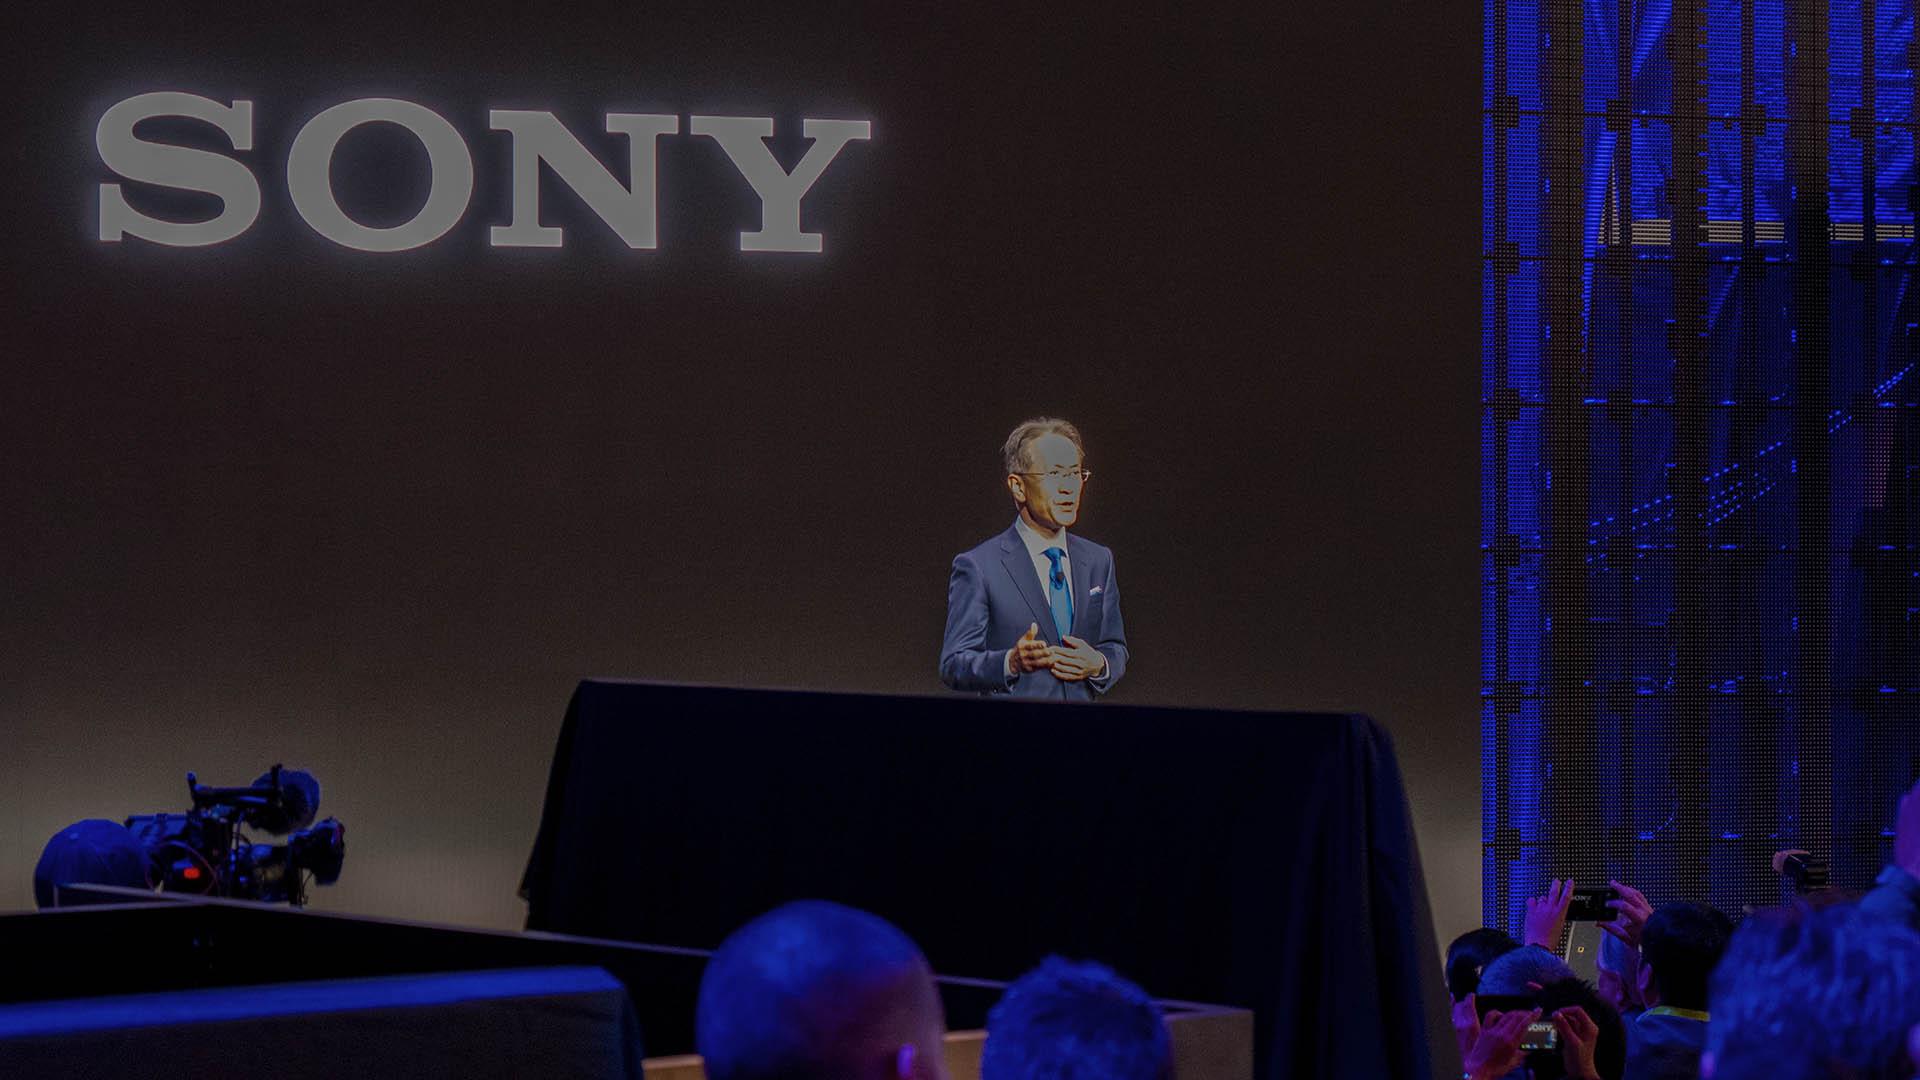 Sony pratade väldigt varmt om sig själva på årets CES-mässa. Foto: Geir Gråbein Nordby